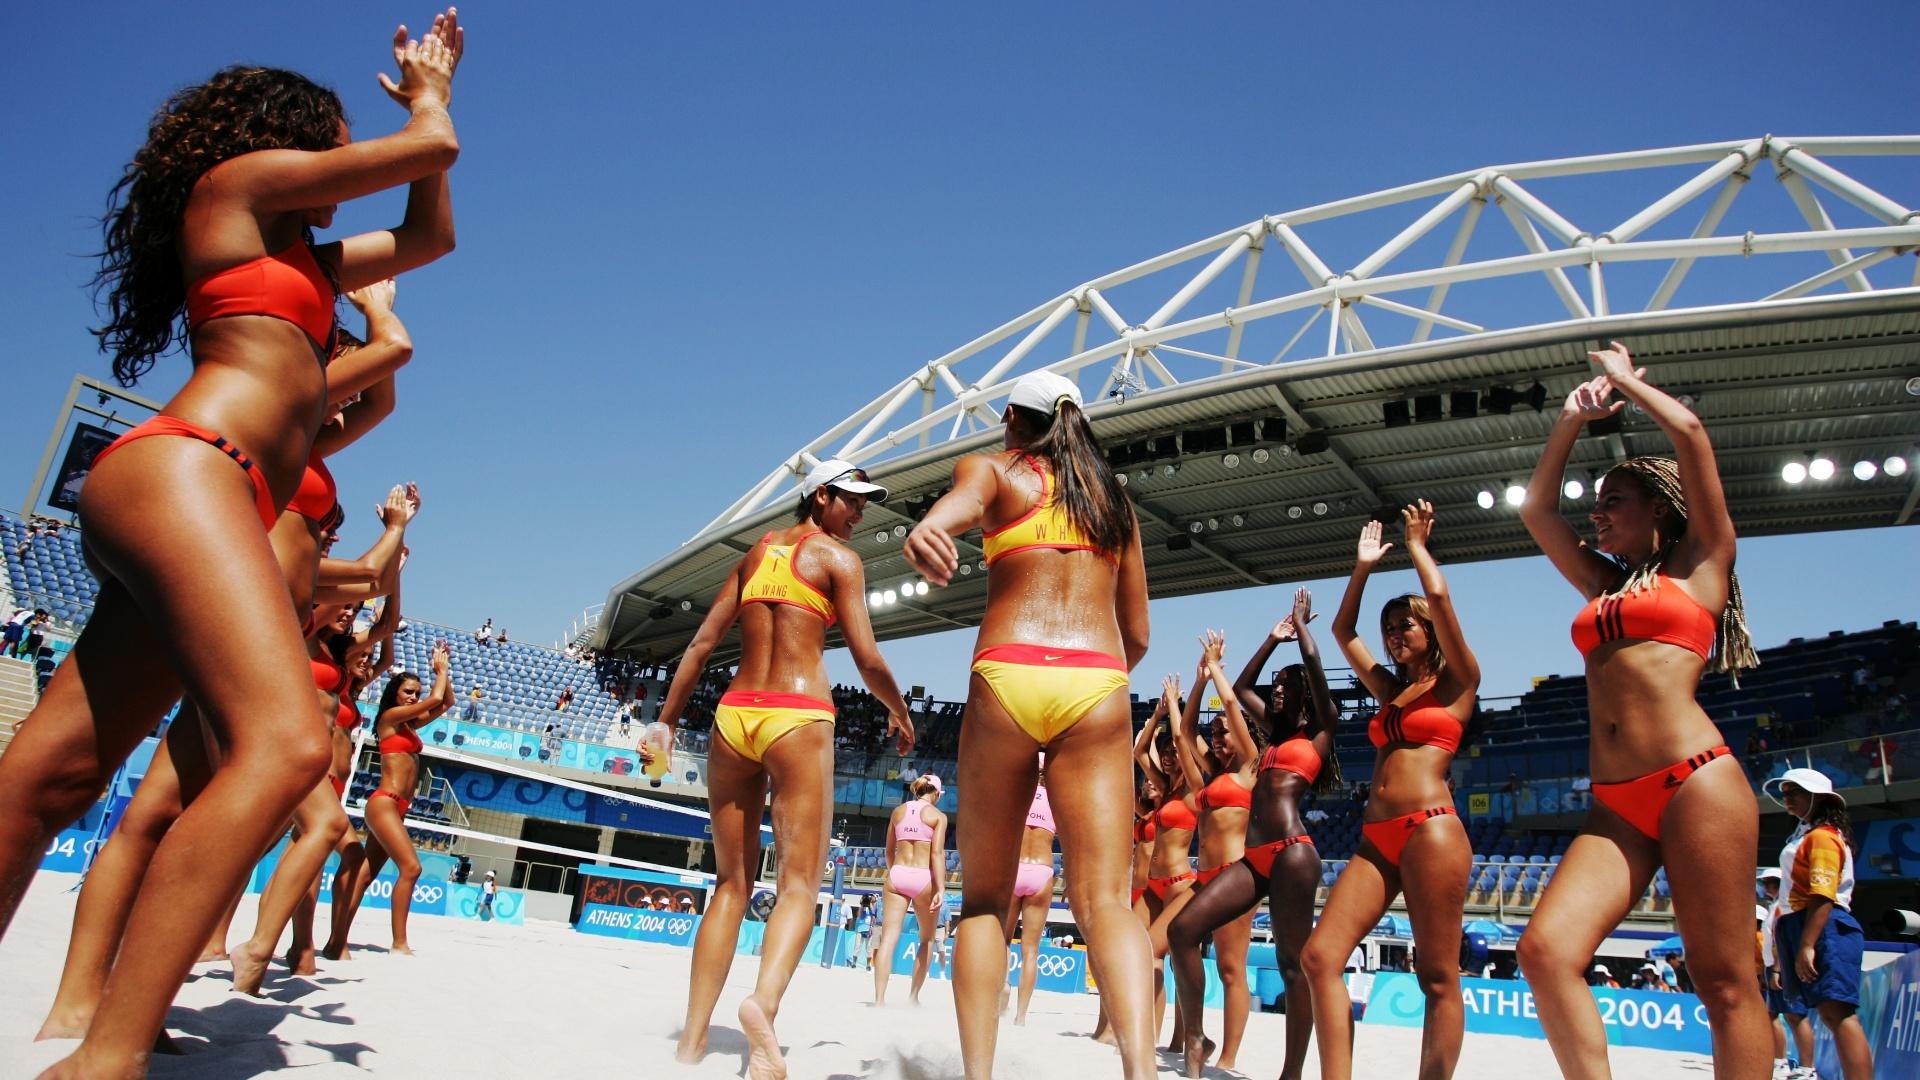 Dançarinas animam a arena de vôlei de praia antes de partida entre duplas da China e da Alemanha na Olimpíada de Atenas (14/8/2004)